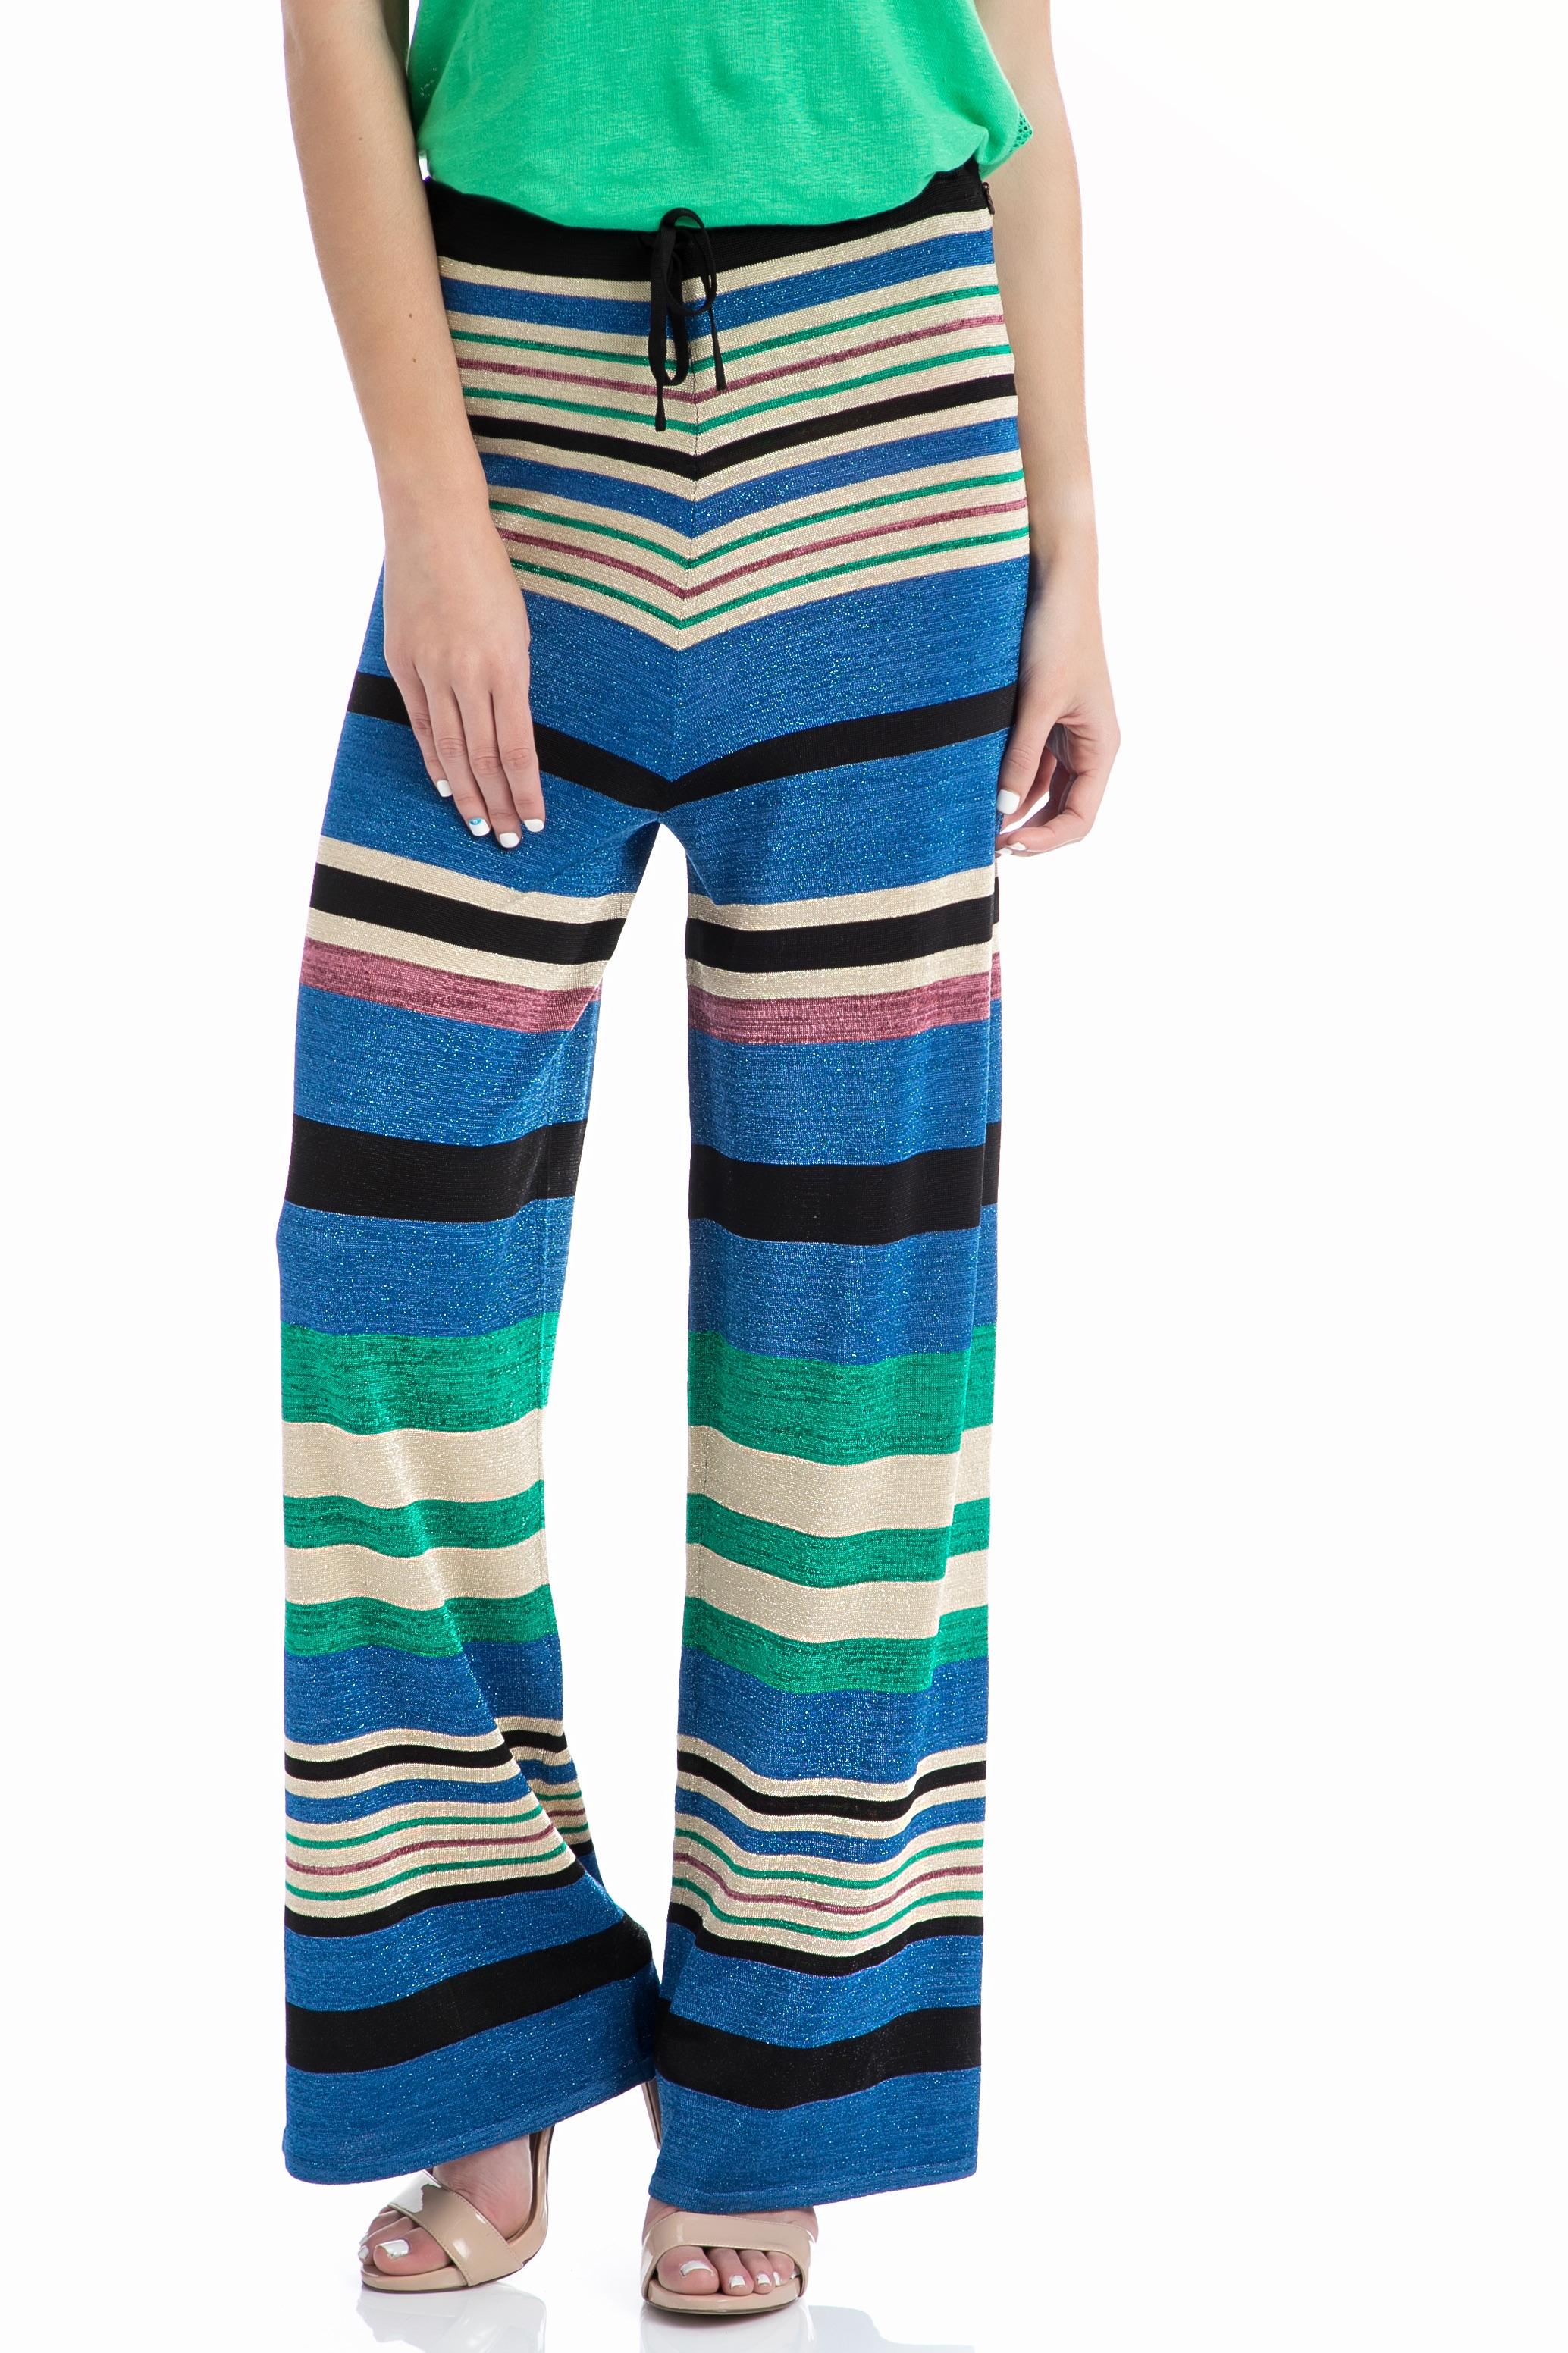 SCOTCH & SODA - Παντελόνι SCOTCH & SODA Knit pant in lurex stripe patt μπλε γυναικεία ρούχα παντελόνια παντελόνες